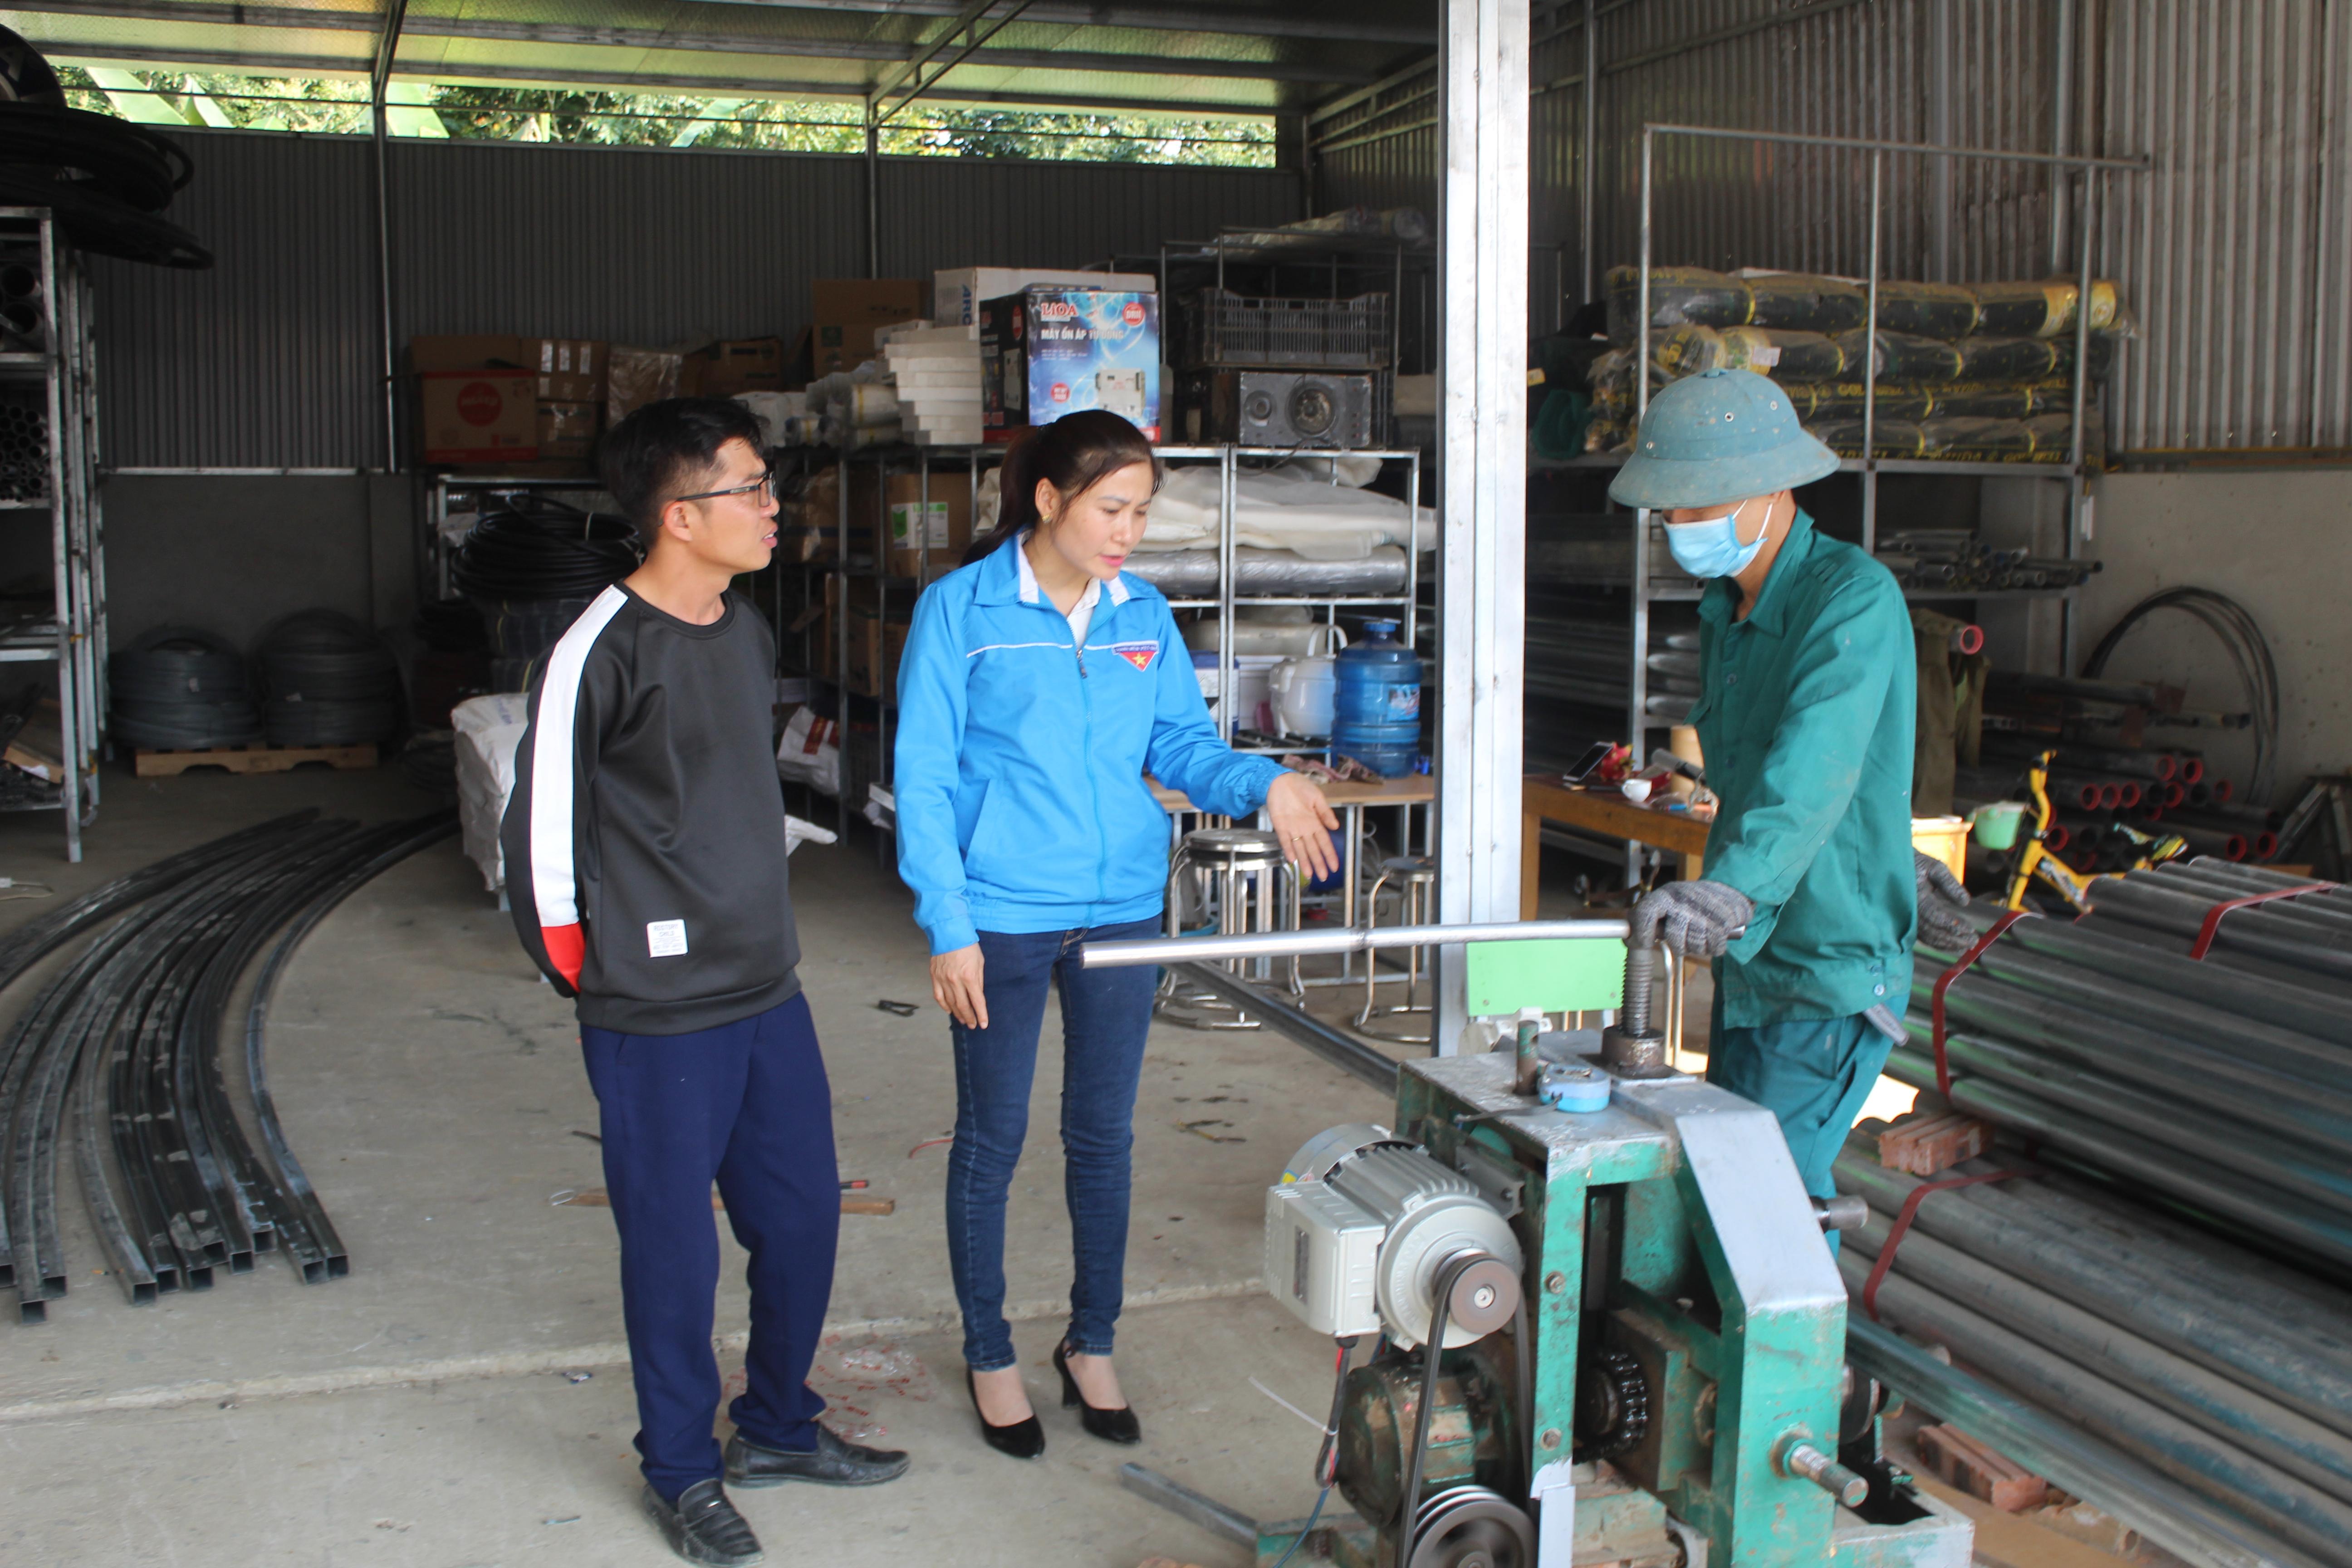 Chị Lê Thị Vân xây dựng thành công mô hình chuyển giao kỹ thuật, cung cấp thiết bị nông nghiệp công nghệ cao với thu nhập đạt 1,2 tỷ đồng/năm.